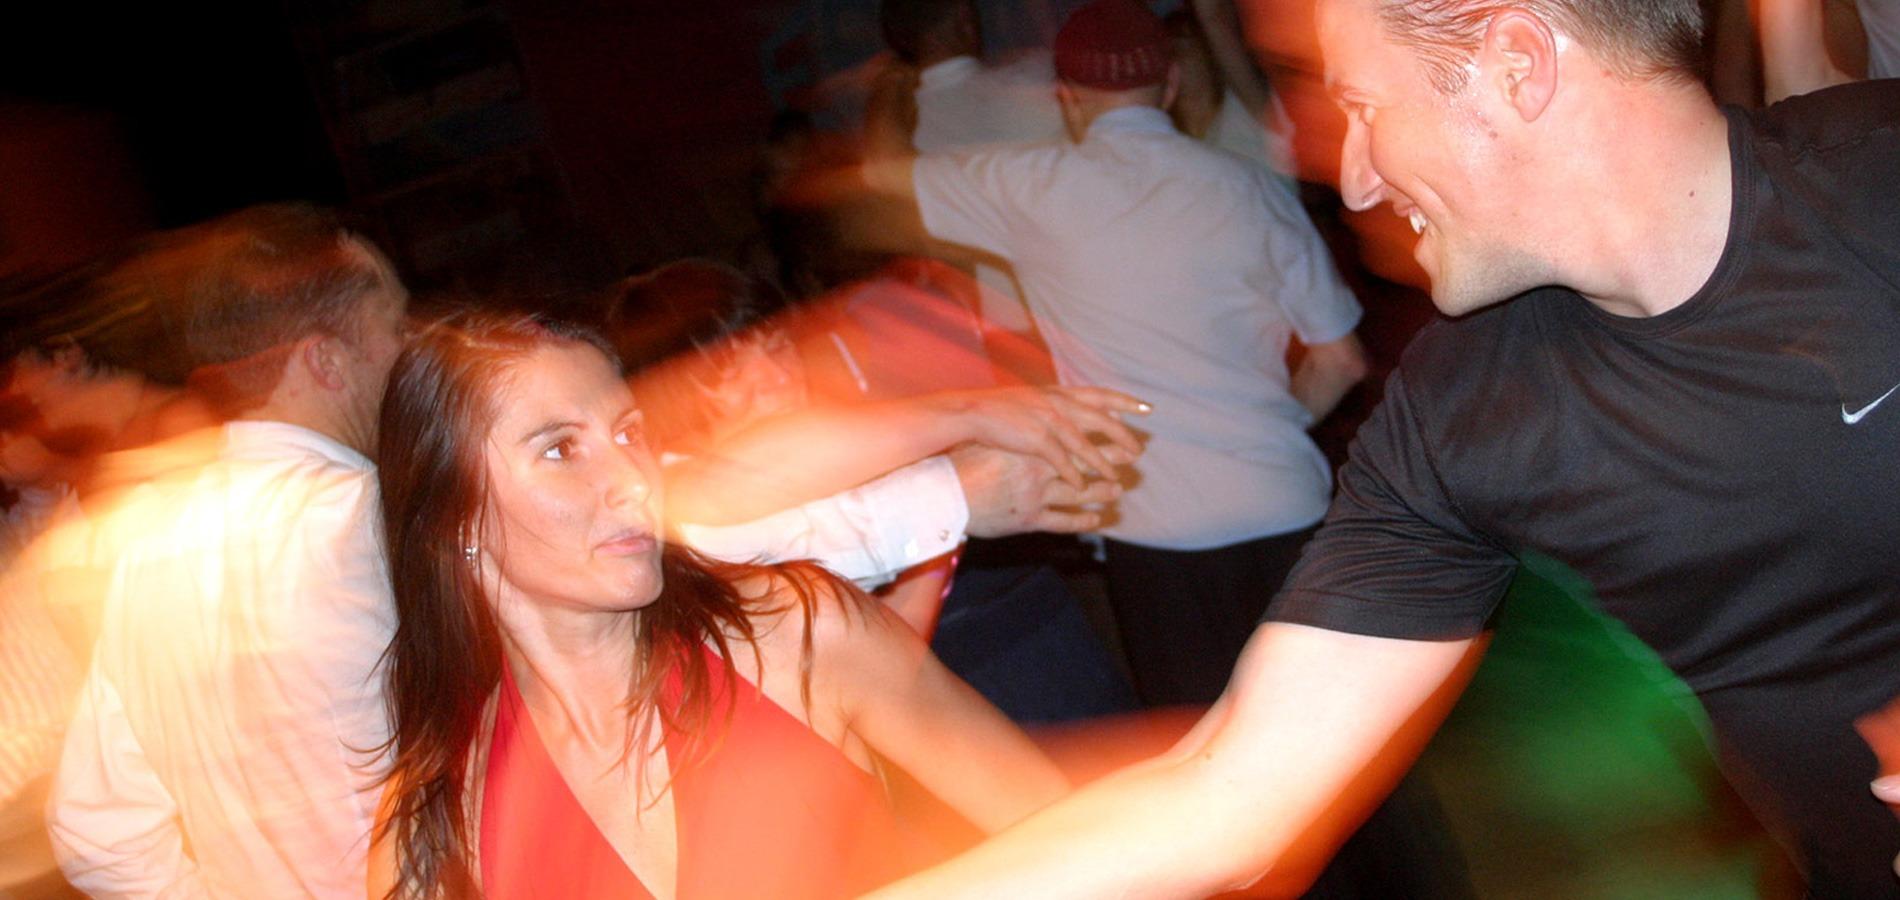 cours de danse à montpellier